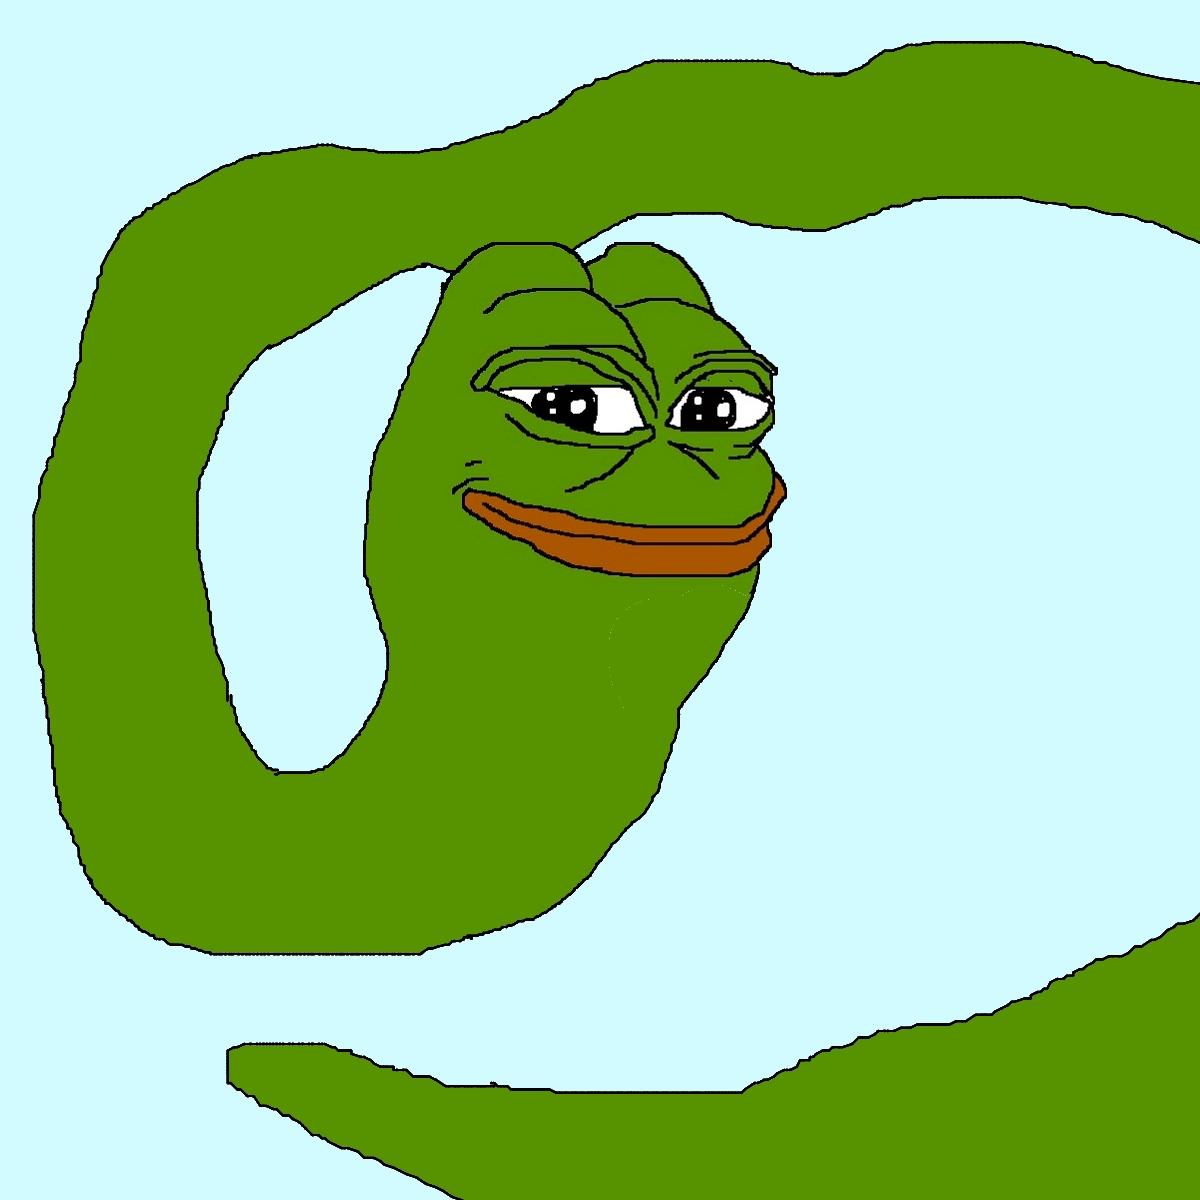 Pepe Wallpaper Meme WallpaperSafari